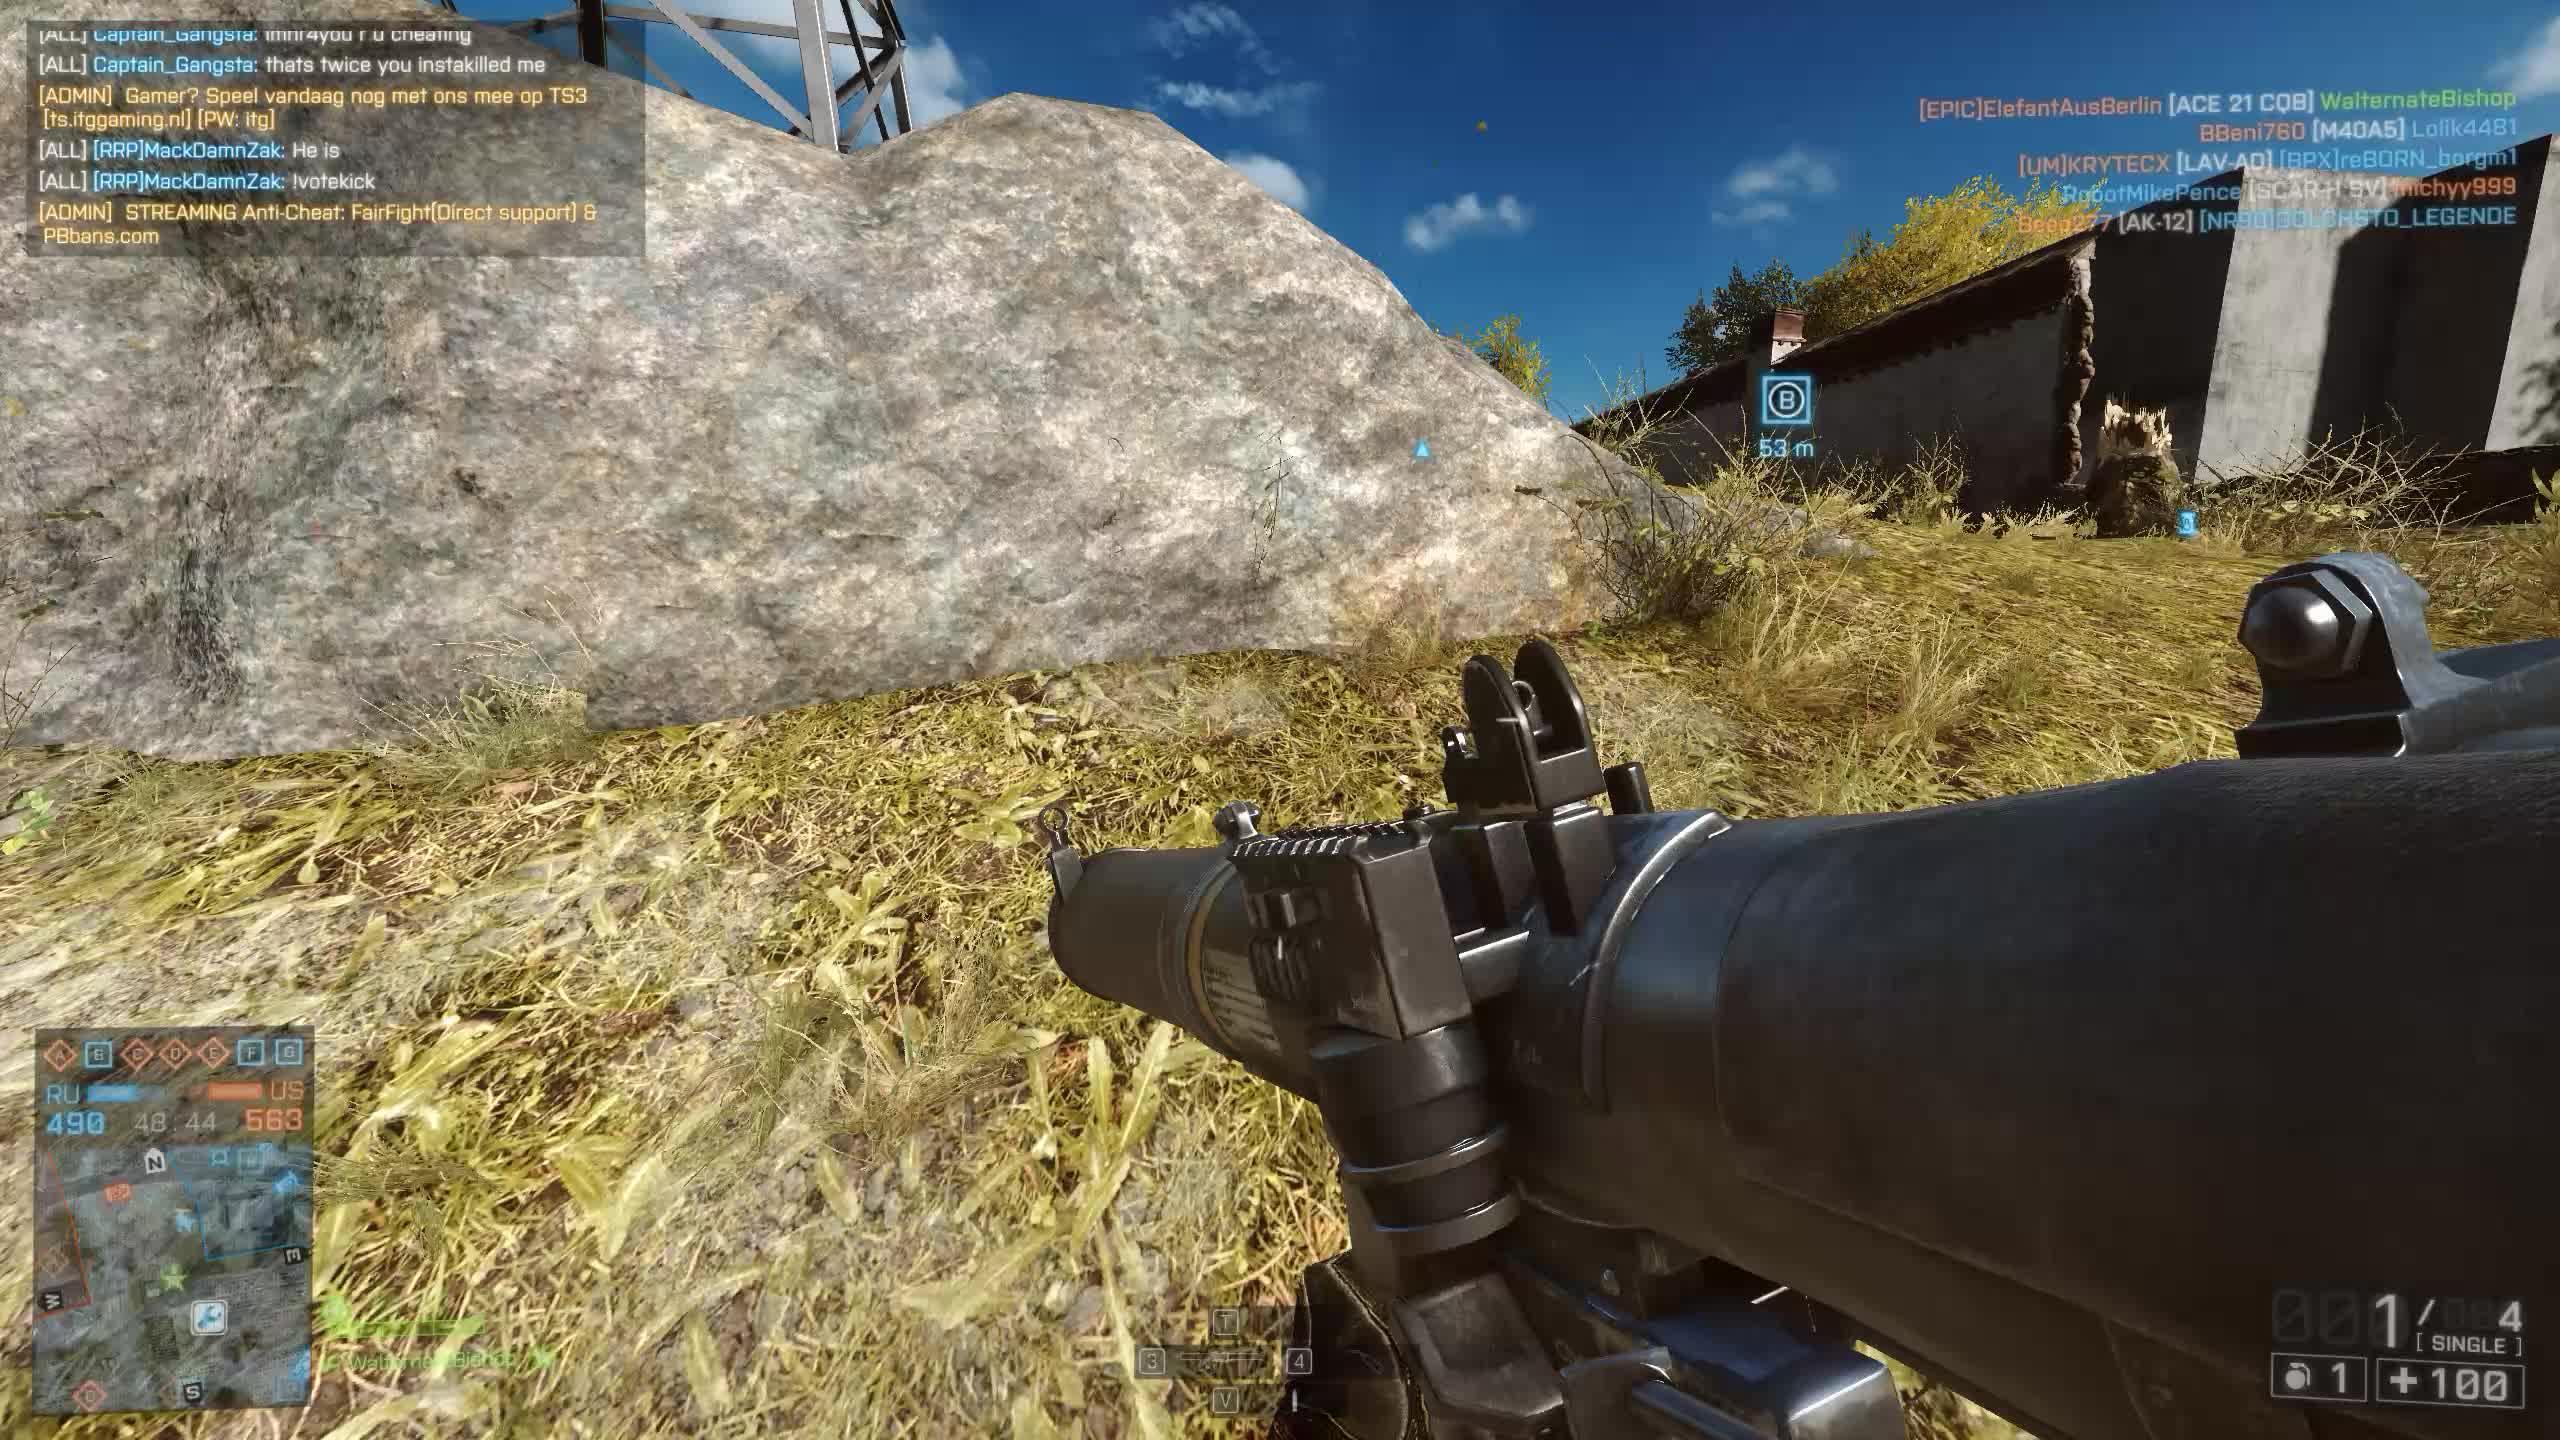 Battlefield 4 Meat Armor GIFs